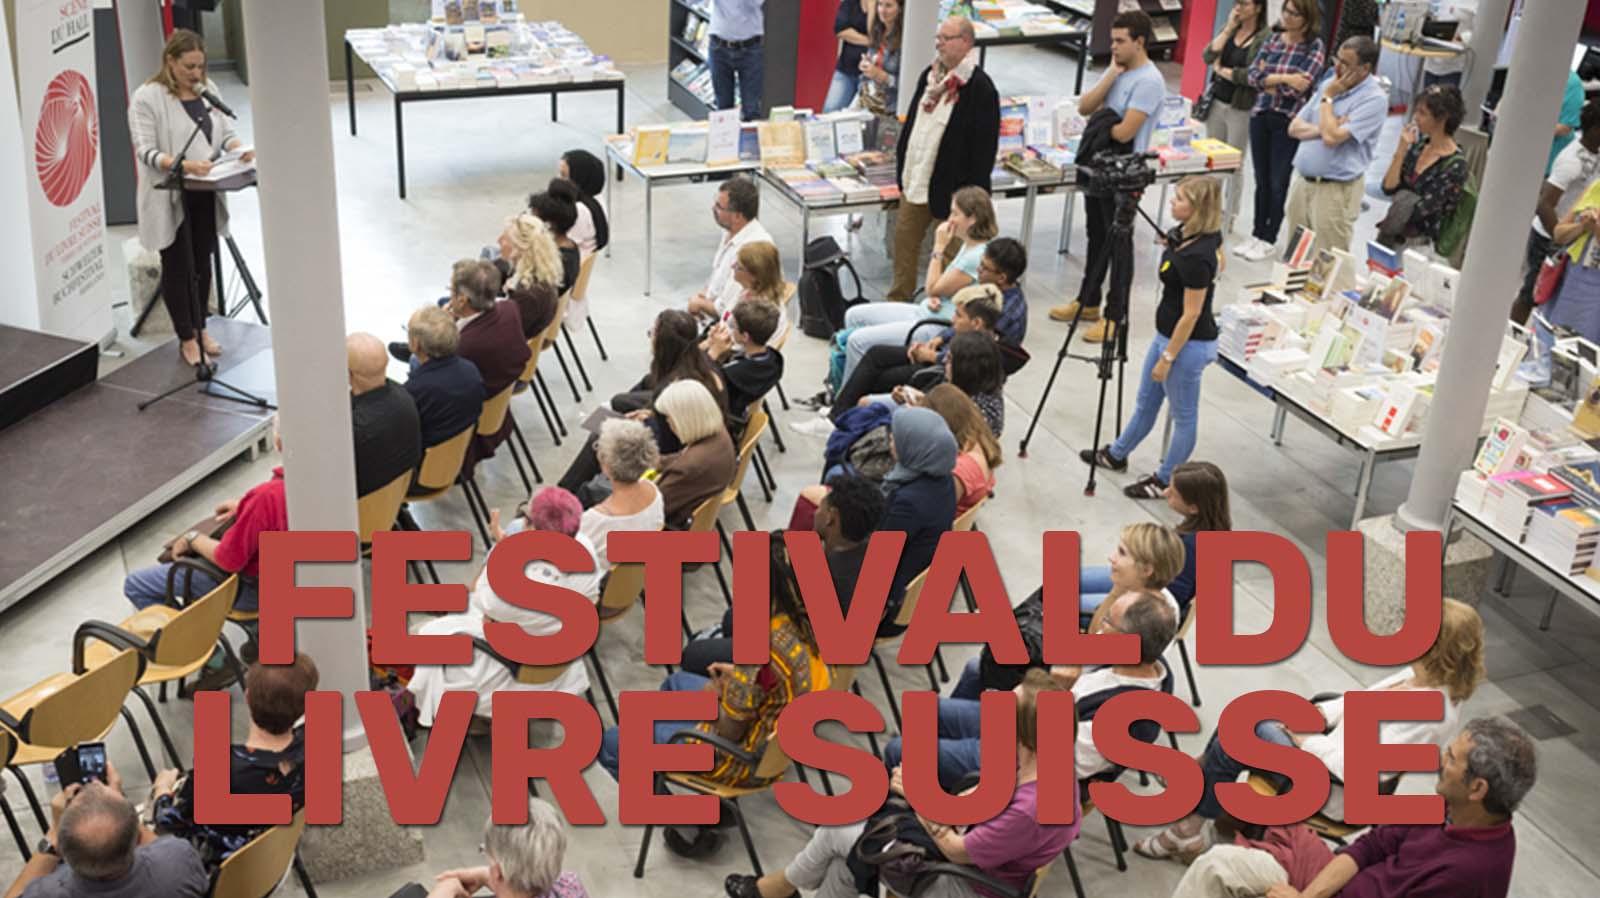 Le festival du livre suisse - salon du livre de Genève